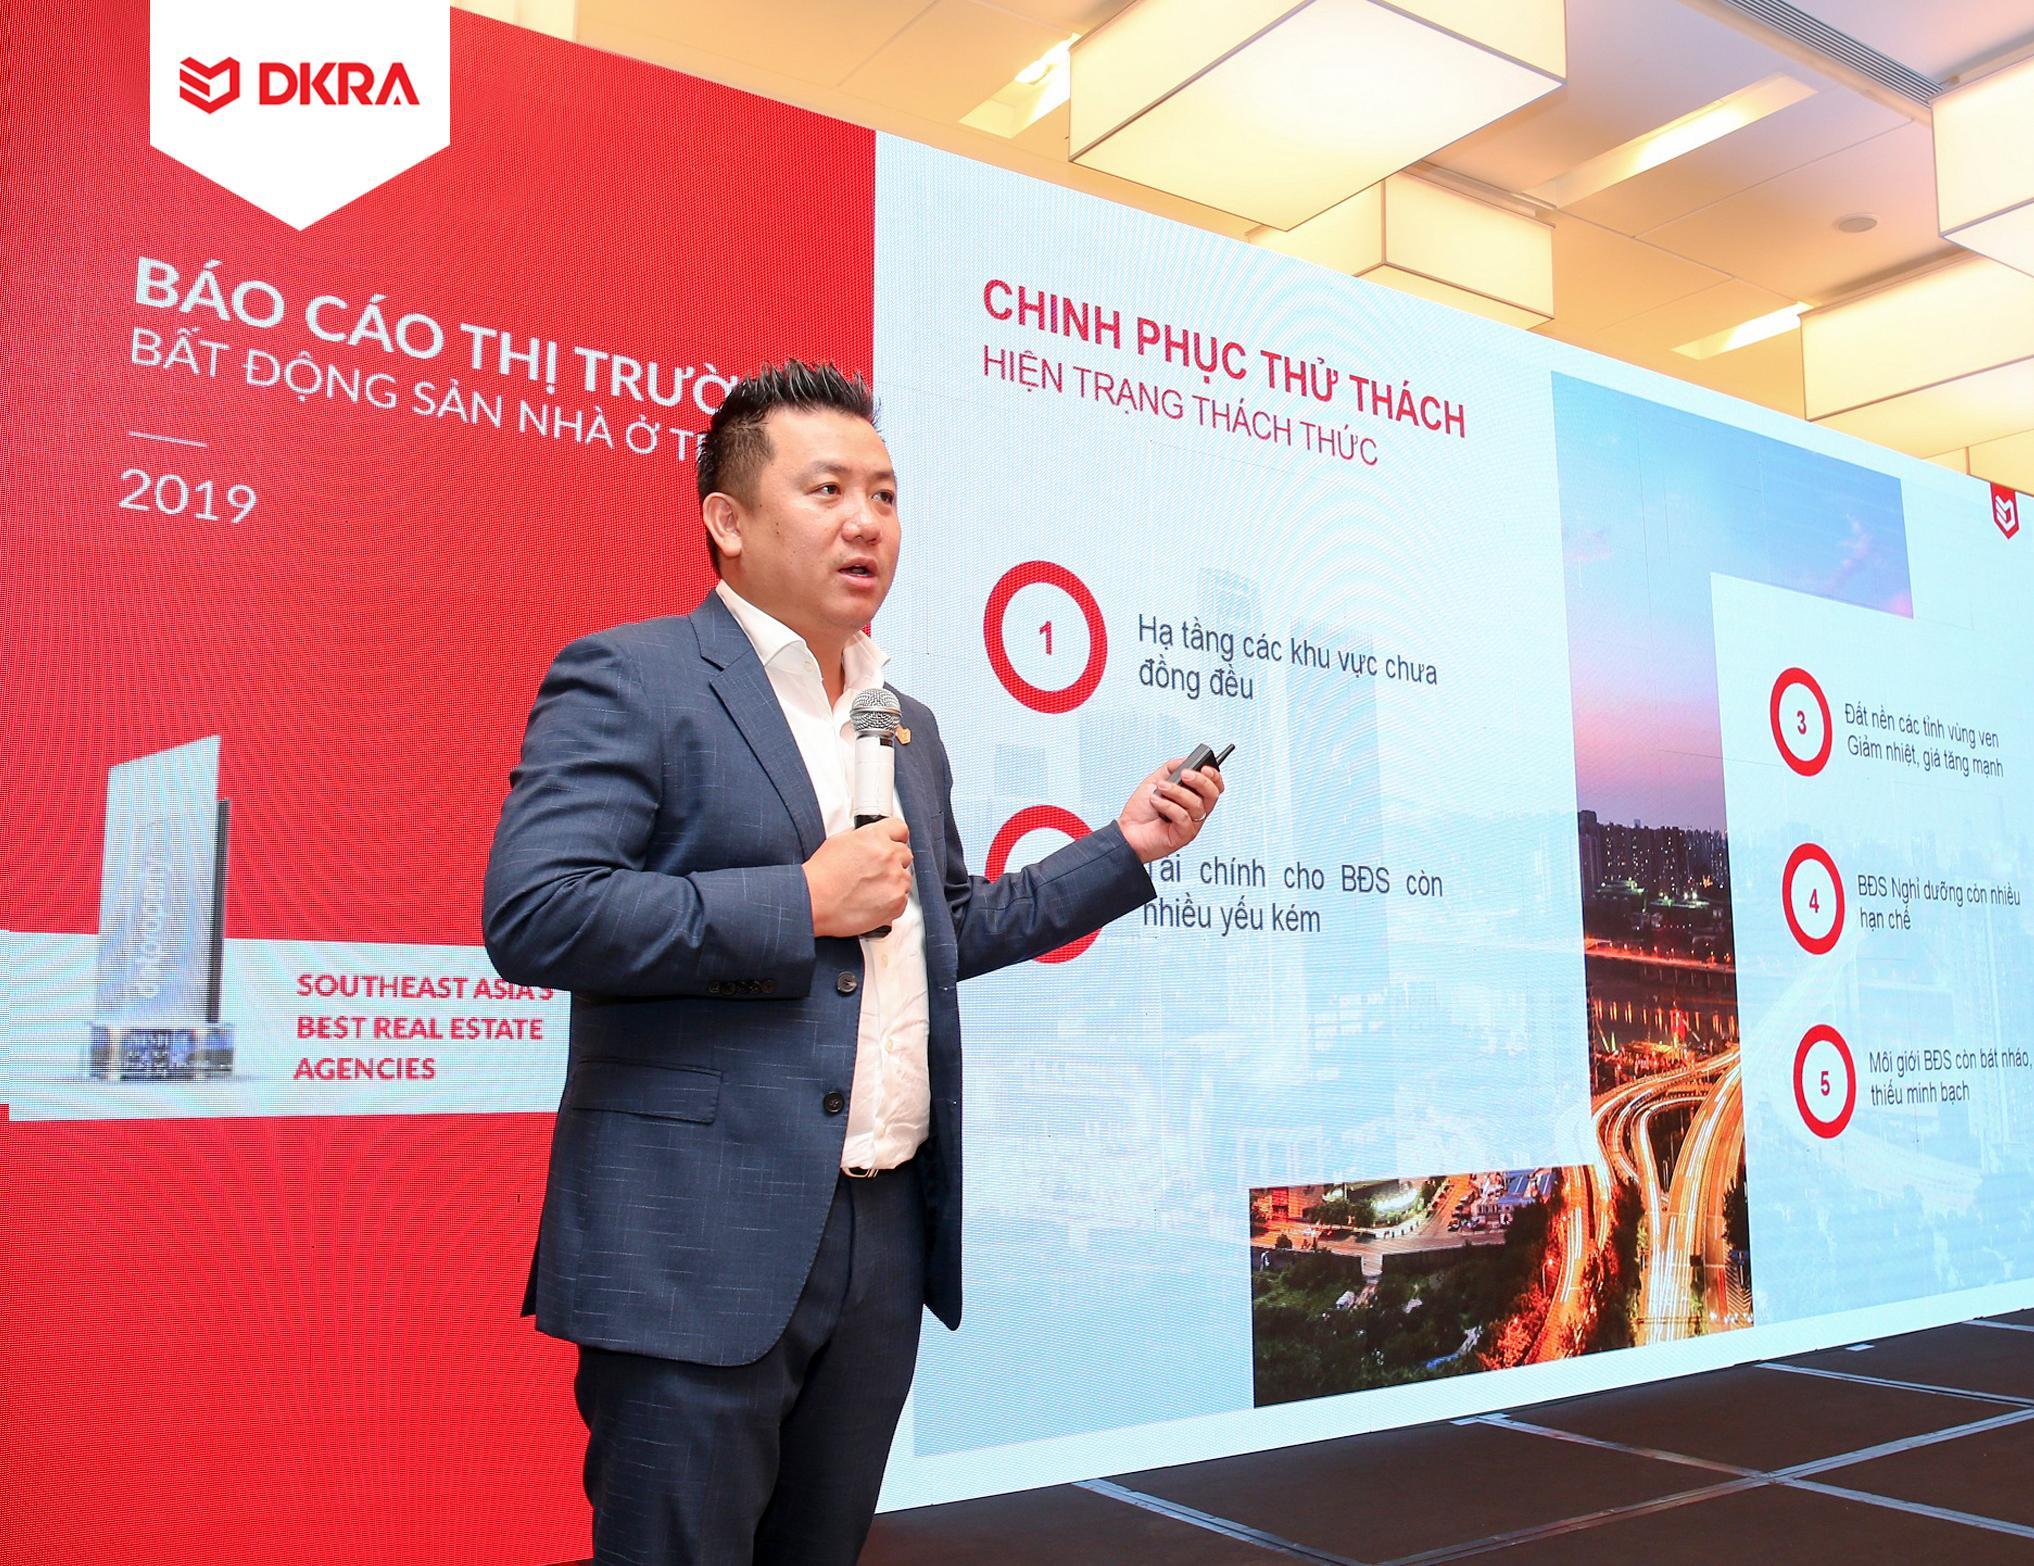 """Ông Phạm Lâm - CEO DKRA Vietnam trình bày chủ đề chính """"Chinh phục thử thách"""" tại sự kiện. Theo ông, nguồn cung mới của thị trường năm 2020 không có nhiều đột biến trong khi sức cầu vẫn cao, đặc biệt ở các phân khúc đất nền, căn hộ. Việc thiếu nghiêm túc"""